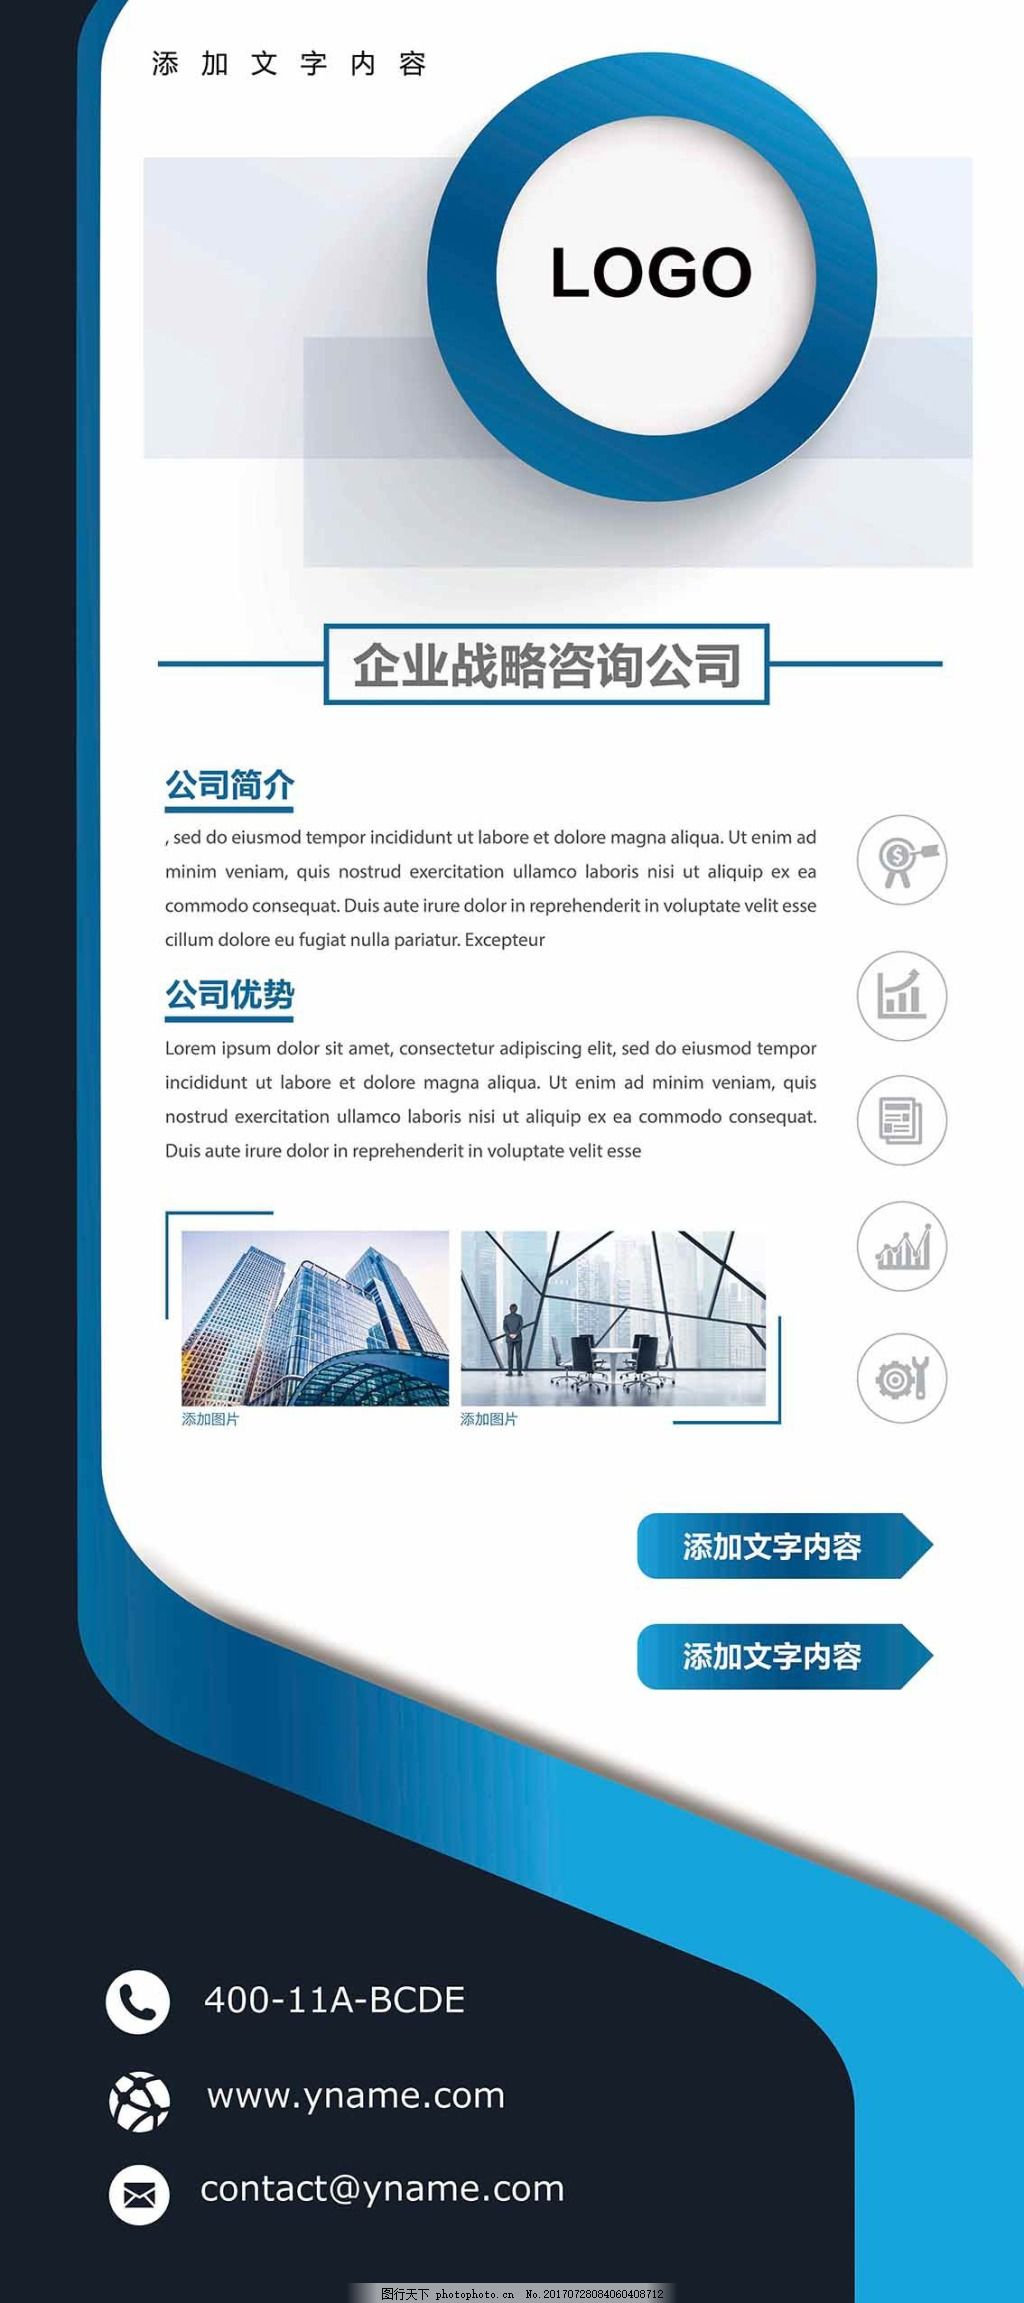 企业文化介绍展架 企业展板 企业展架 企业战略咨询 企业文化展板